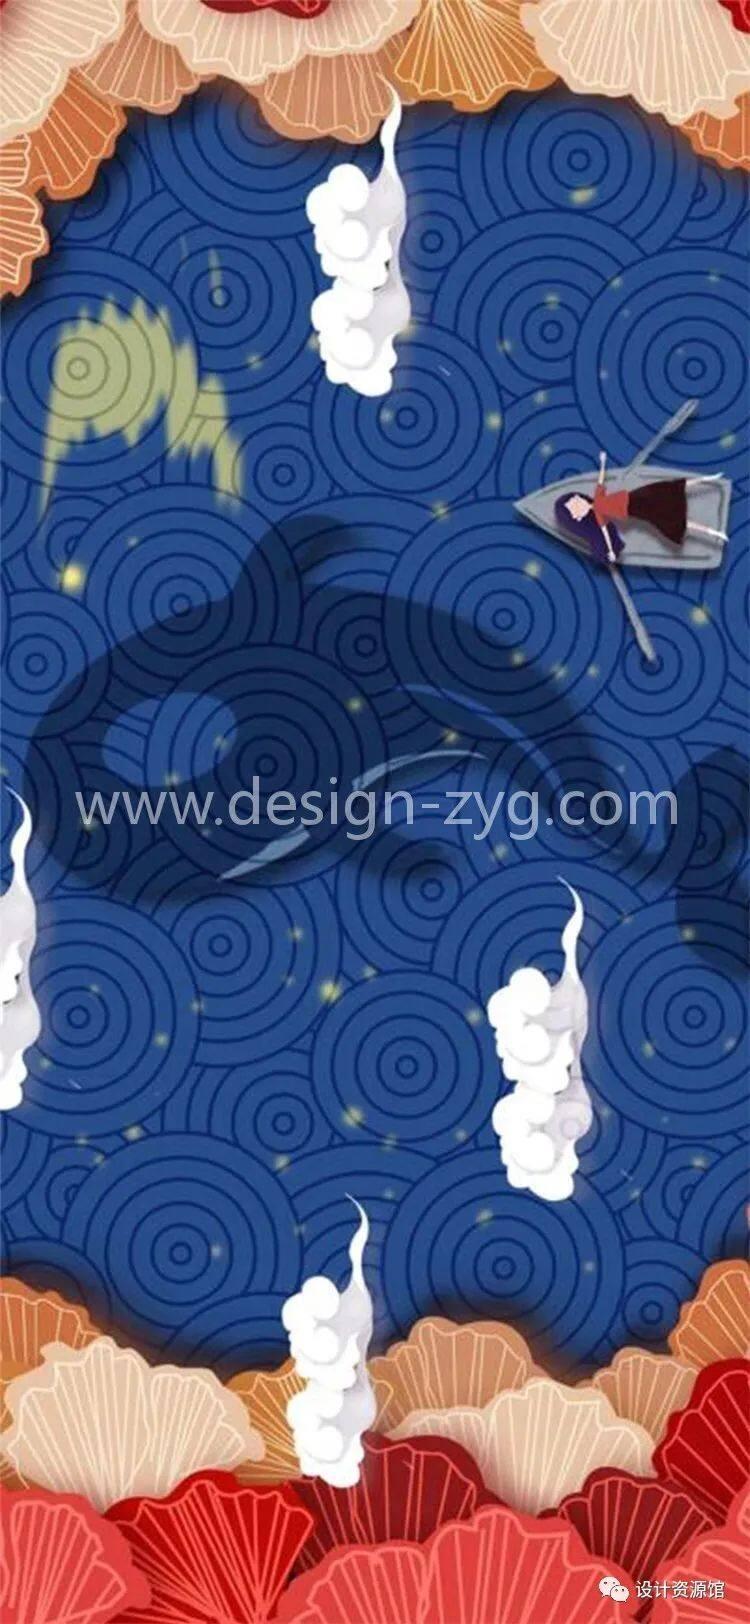 中国风合集 中国传统纹样锦集+中国风精美潮流插画+精美纸质纹理素材【712期】插图12